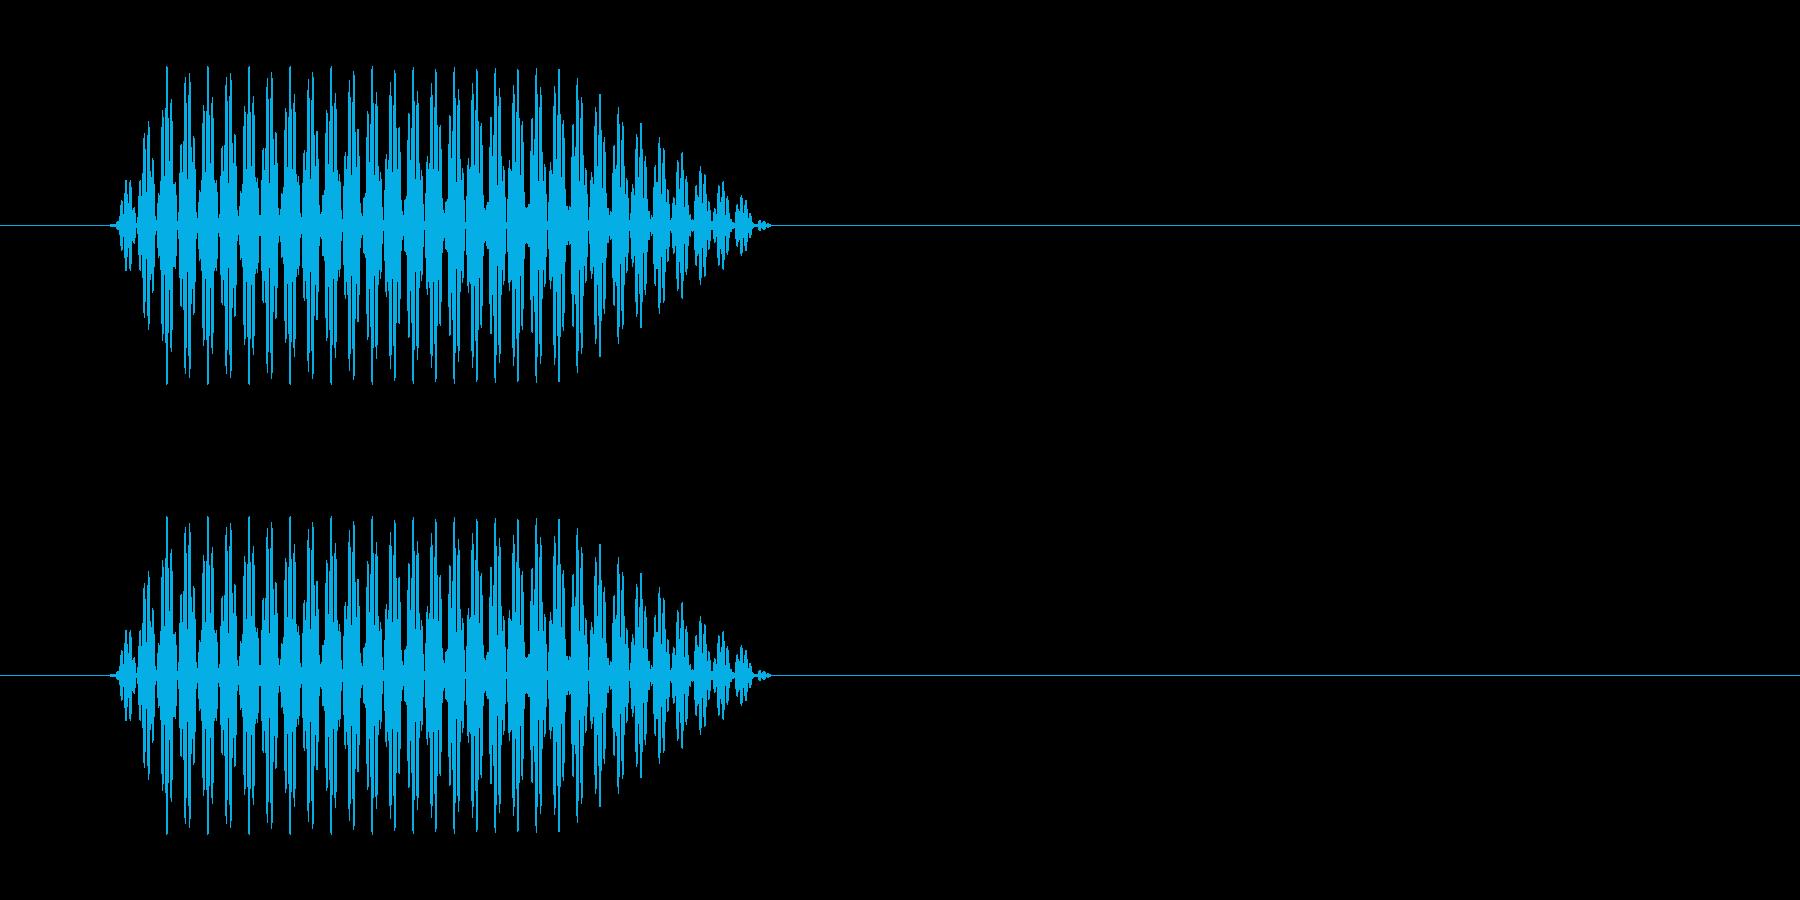 綺麗で聴きやすい効果音の再生済みの波形